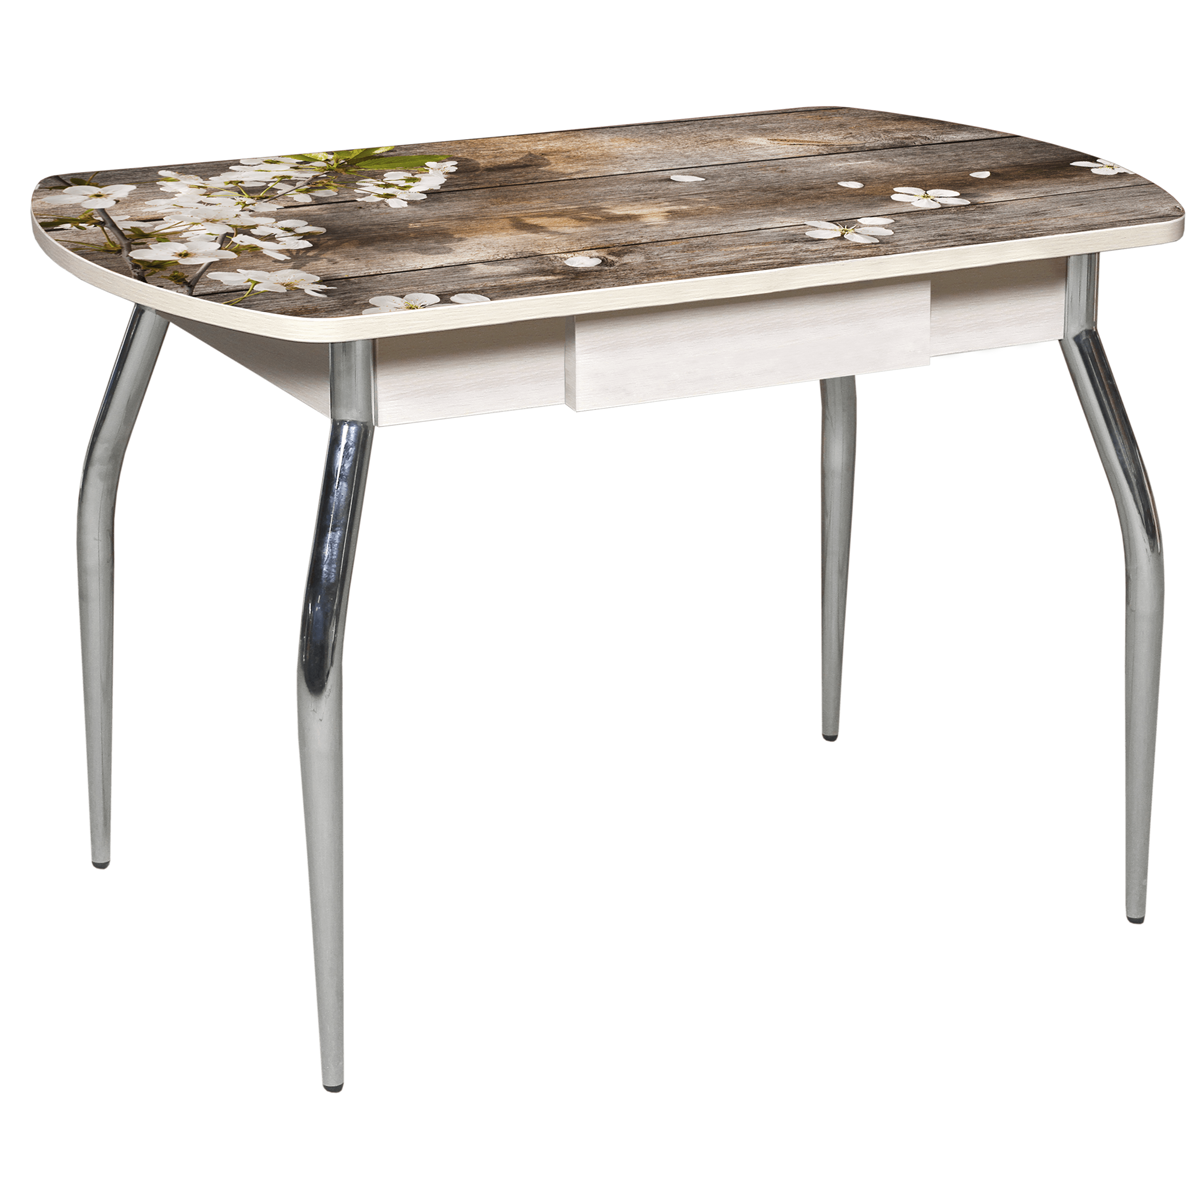 Стол с ящиком фотопечать нераздвижной 110х70 см. (арт. М4390)